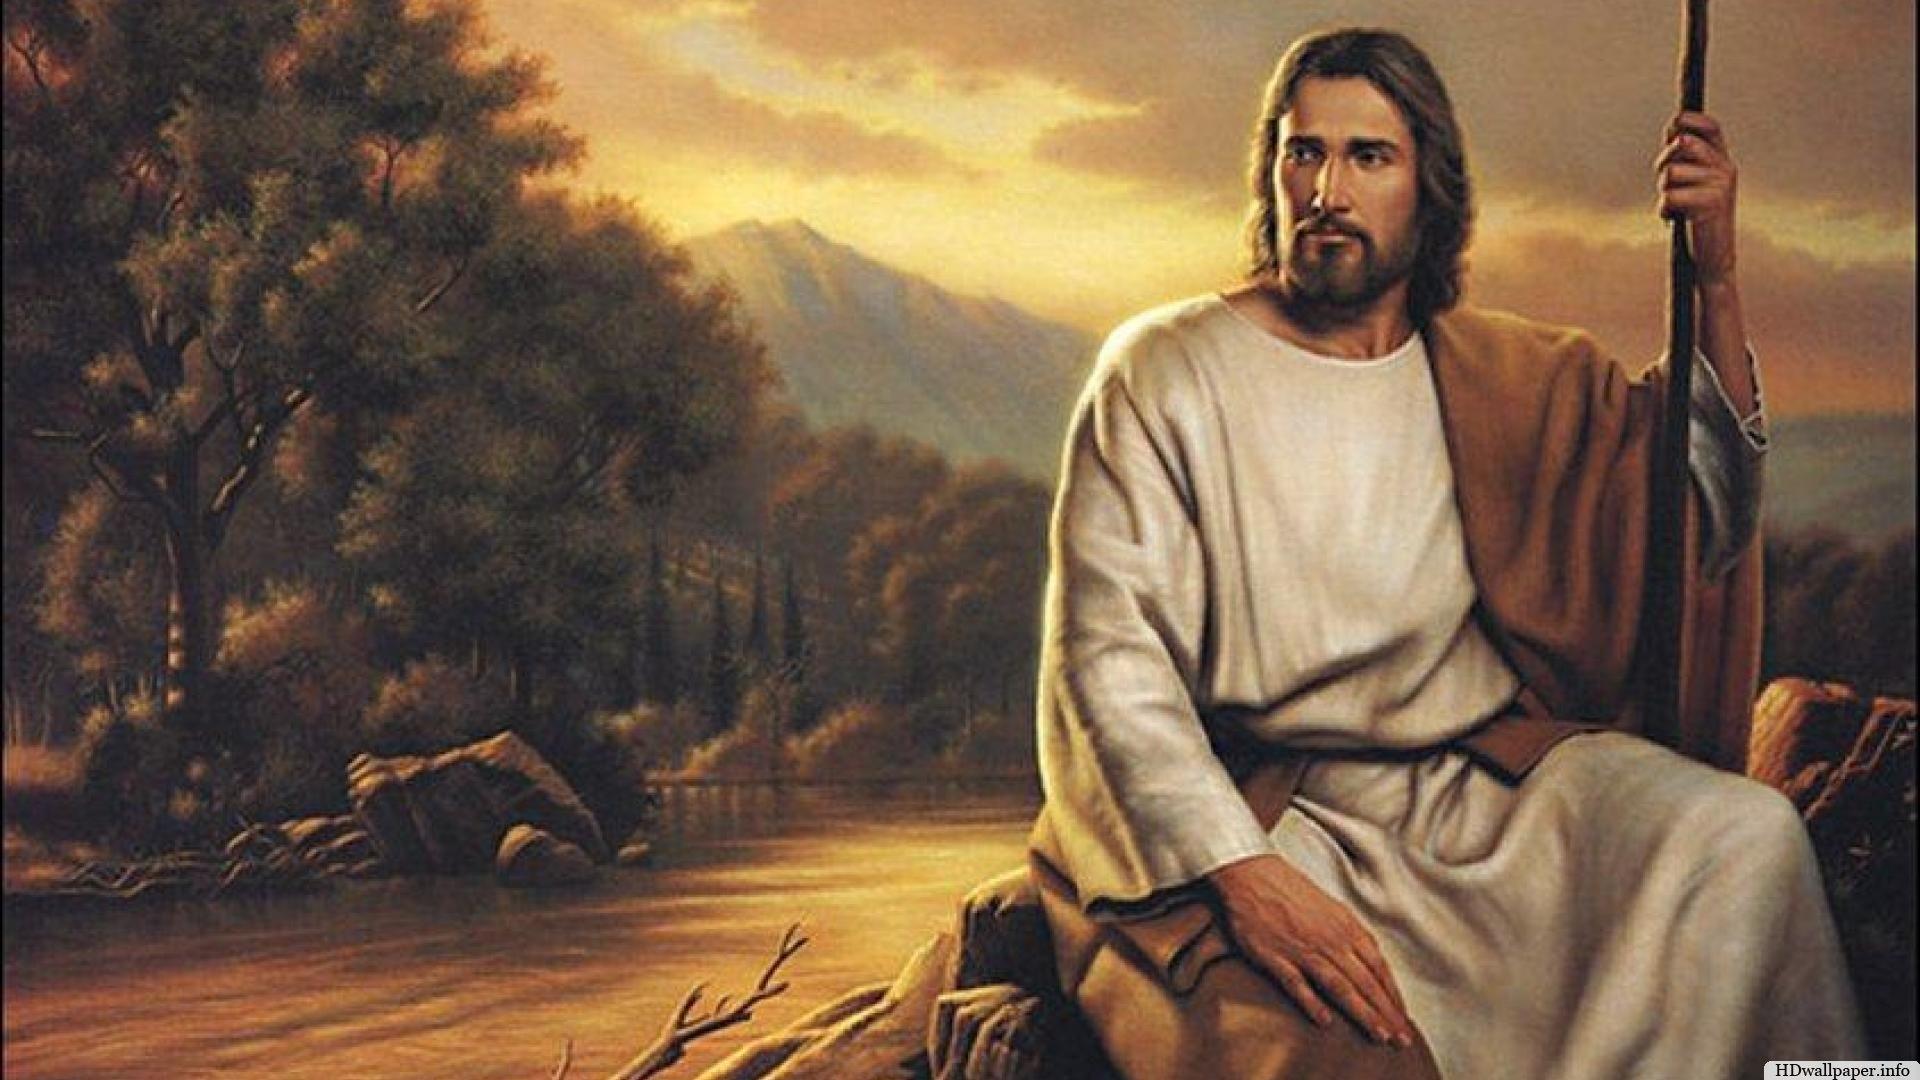 Google chrome themes jesus christ - Jesus Christ Hd Wallpaper For Desktop Http Hdwallpaper Info Jesus